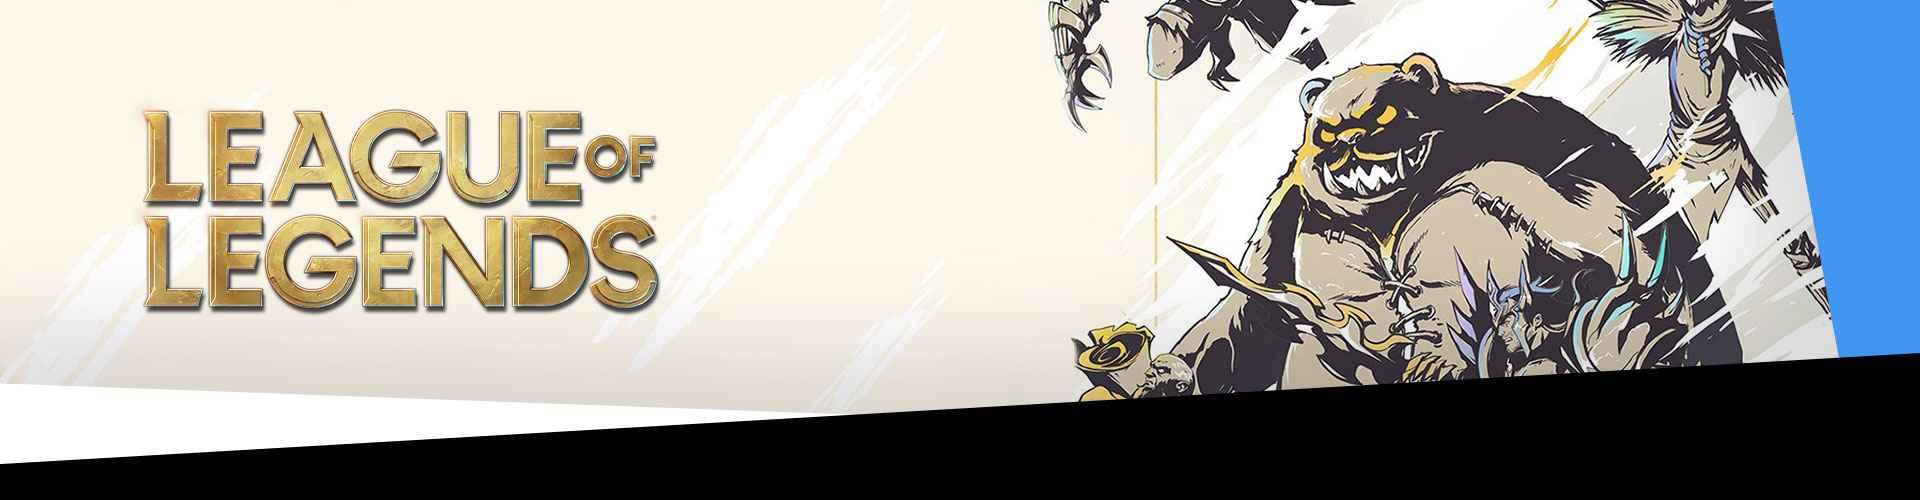 Riot Games tillkännagav under sitt 10-årsjubileum en uppsjö av kommande titlar!